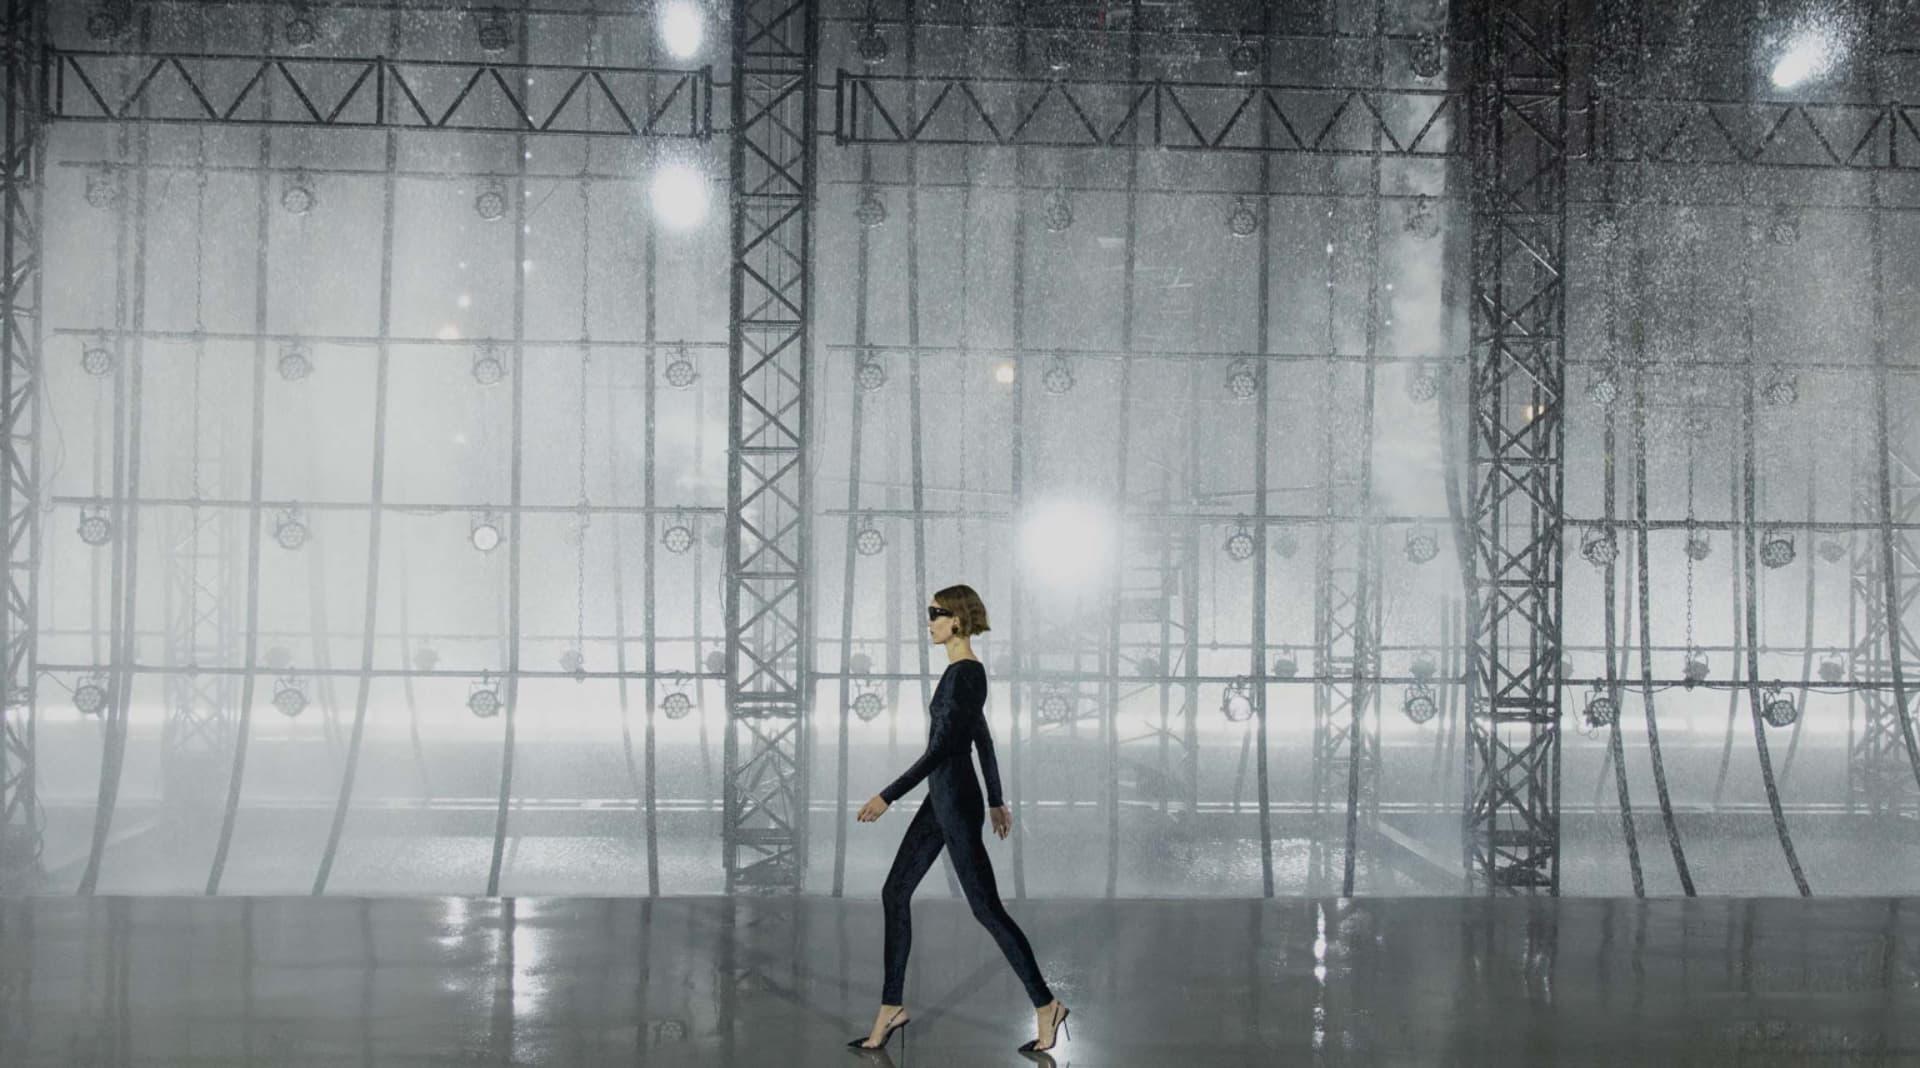 Saint Laurent presentó su colección verano 2022 para mujeres